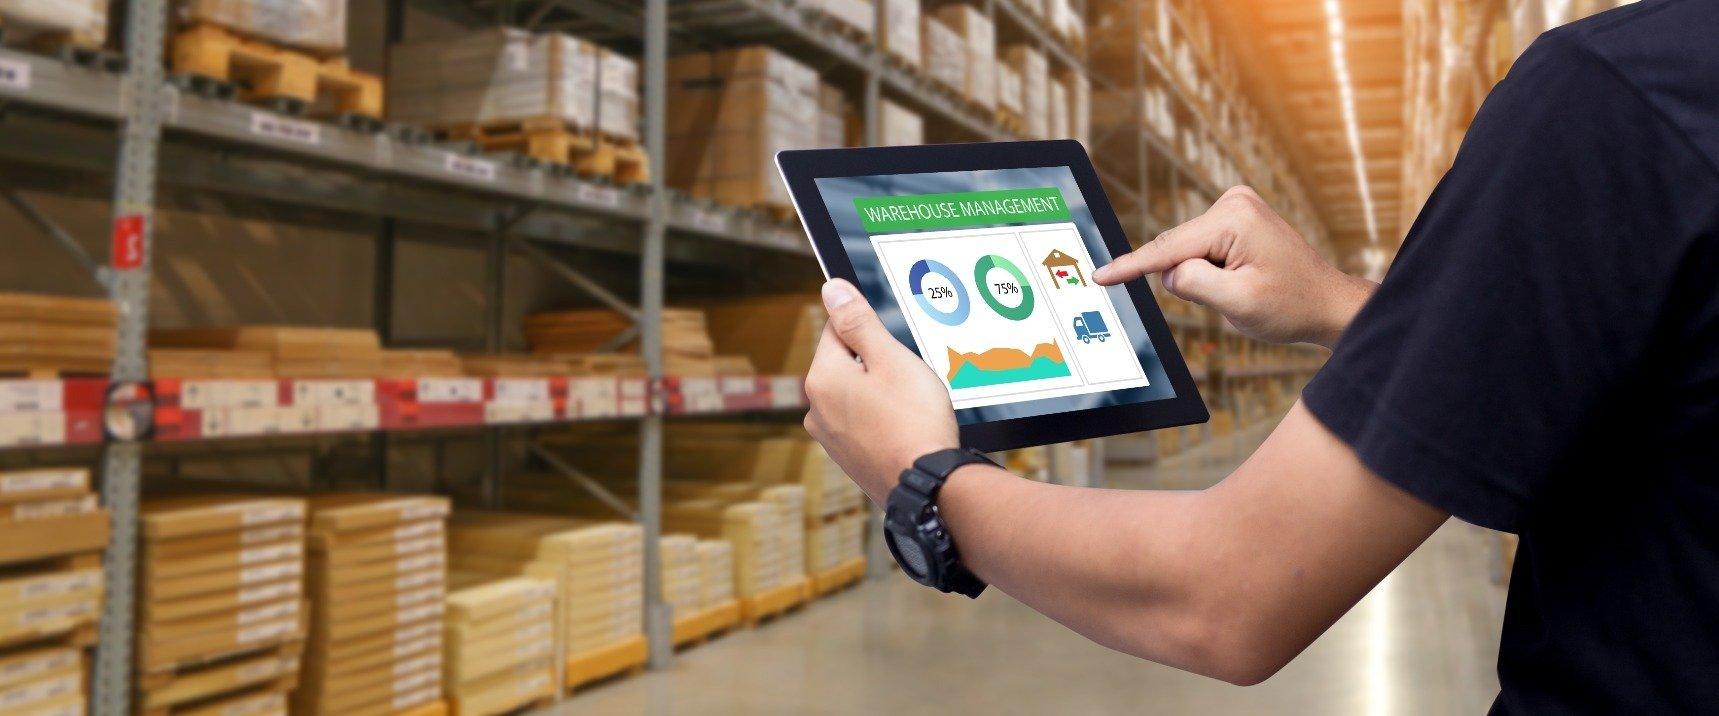 Visibilidade em tempo real das empresas nas suas operações logísticas - Qual o nível de maturidade no sul da Europa?